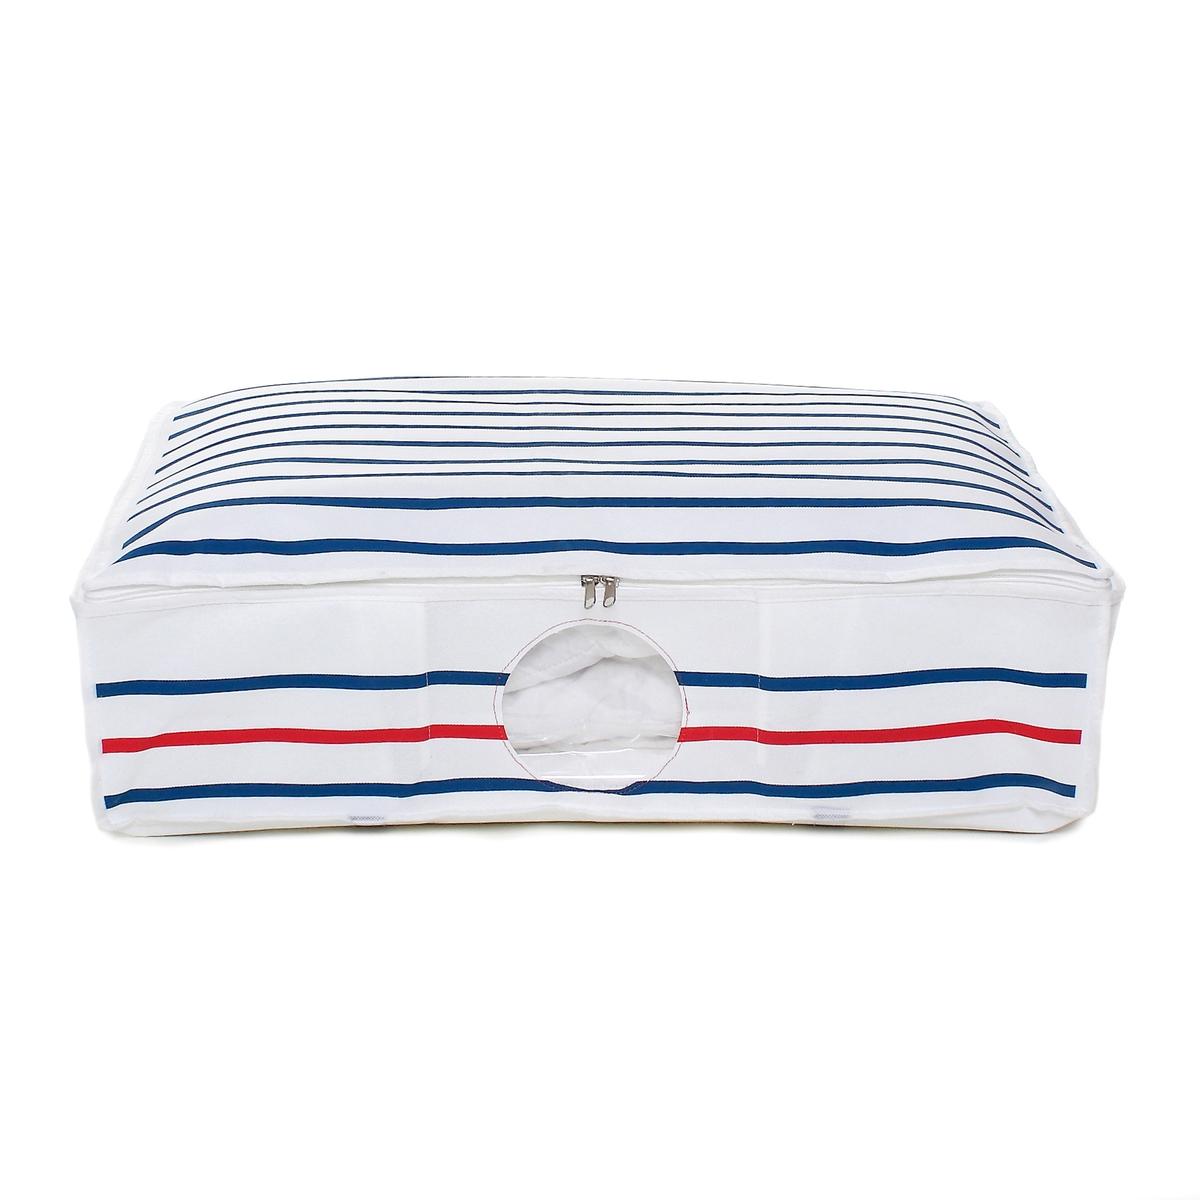 Чехол герметичный в форме чемодана 145лНабор чехлов для хранения ваших подушек, одеяла, лыжных комбинезонов, сезонной одежды в полной безопасности.Оптимальная экономия места, благодаря чехлу в полоску и вакуумному чехлу, который уменьшает объем ваших вещей вакуум создается за несколько секунд с помощью надувания : простой и очень практичный .Описание чехла в полоску и вакуумного чехла:1 вакуумный чехол 145 лМатериал : чехол из тканного полипропилена 150г/м2Вес : 1,53 кгхарактеристики вакуумного чехла  :Боковые ручки для переноски из полиэстера. Прозрачное окошко спереди (диаметр 20 см).Крышка на молнии и внутренние панели для укрепления конструкции (картон, покрытый тканным полипропиленом) .2 ремешка с пряжкой для удобного перемещения при заполнении внутреннего мешка.Размеры :Размеры вакуумного чехла 3D : 113 (65) x 46 x 72см .Полезные размеры наполненного чехла: 67 x 48 x 150 см Размеры упаковки : 50 x 30 x 6 см<br><br>Цвет: в полоску белый/темно-синий